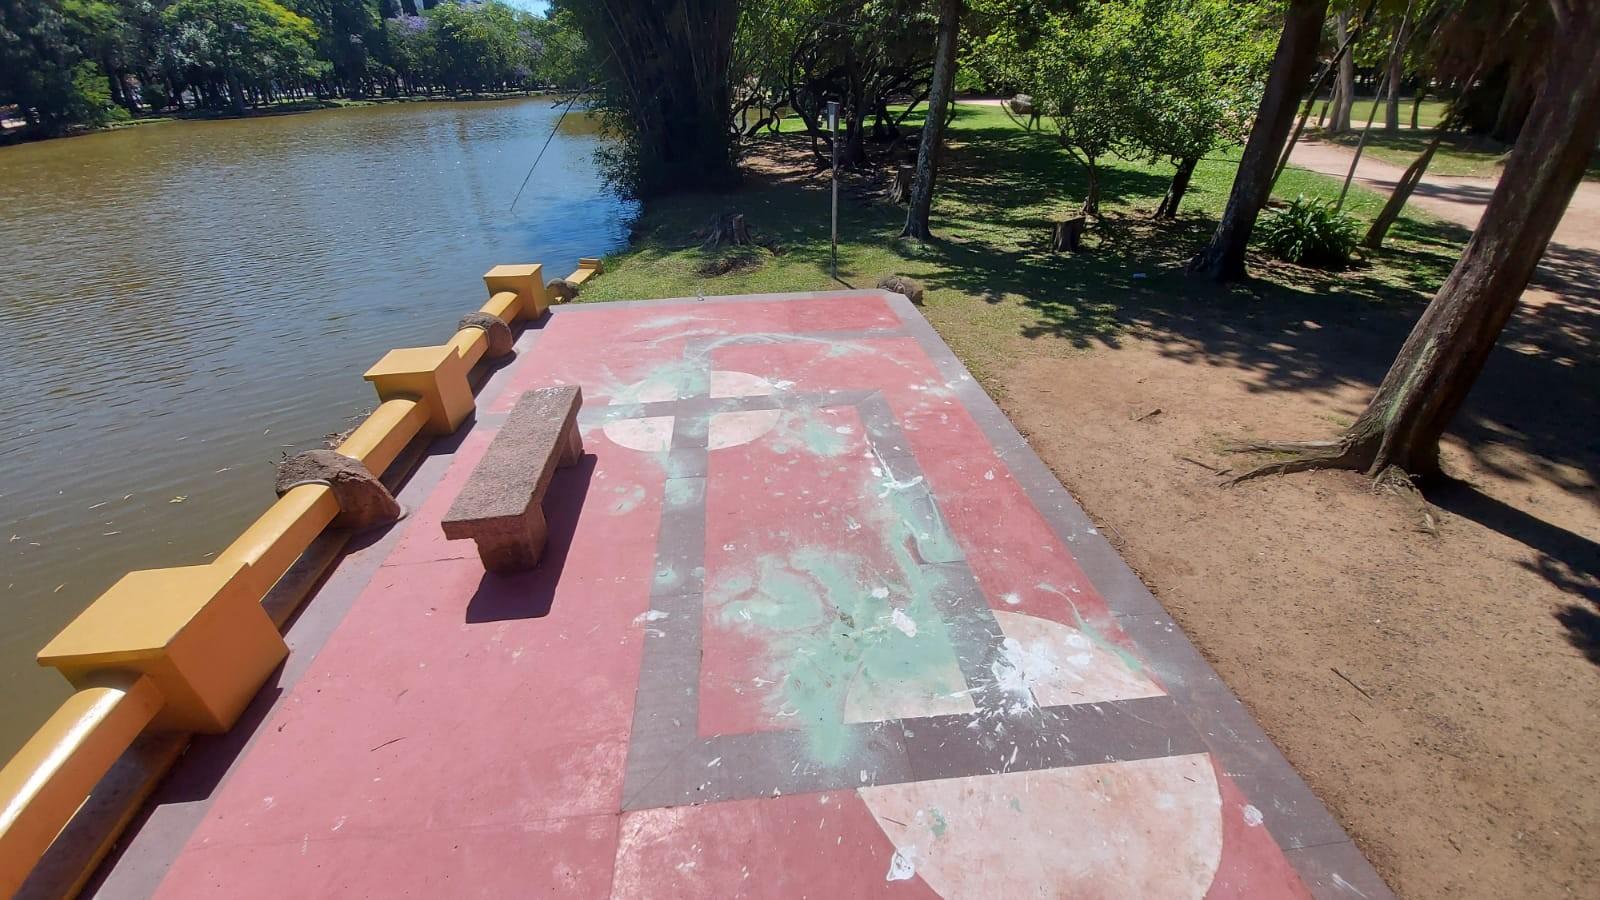 Piso com pintura semelhante a uma suástica é pichado no Parque da Redenção, em Porto Alegre